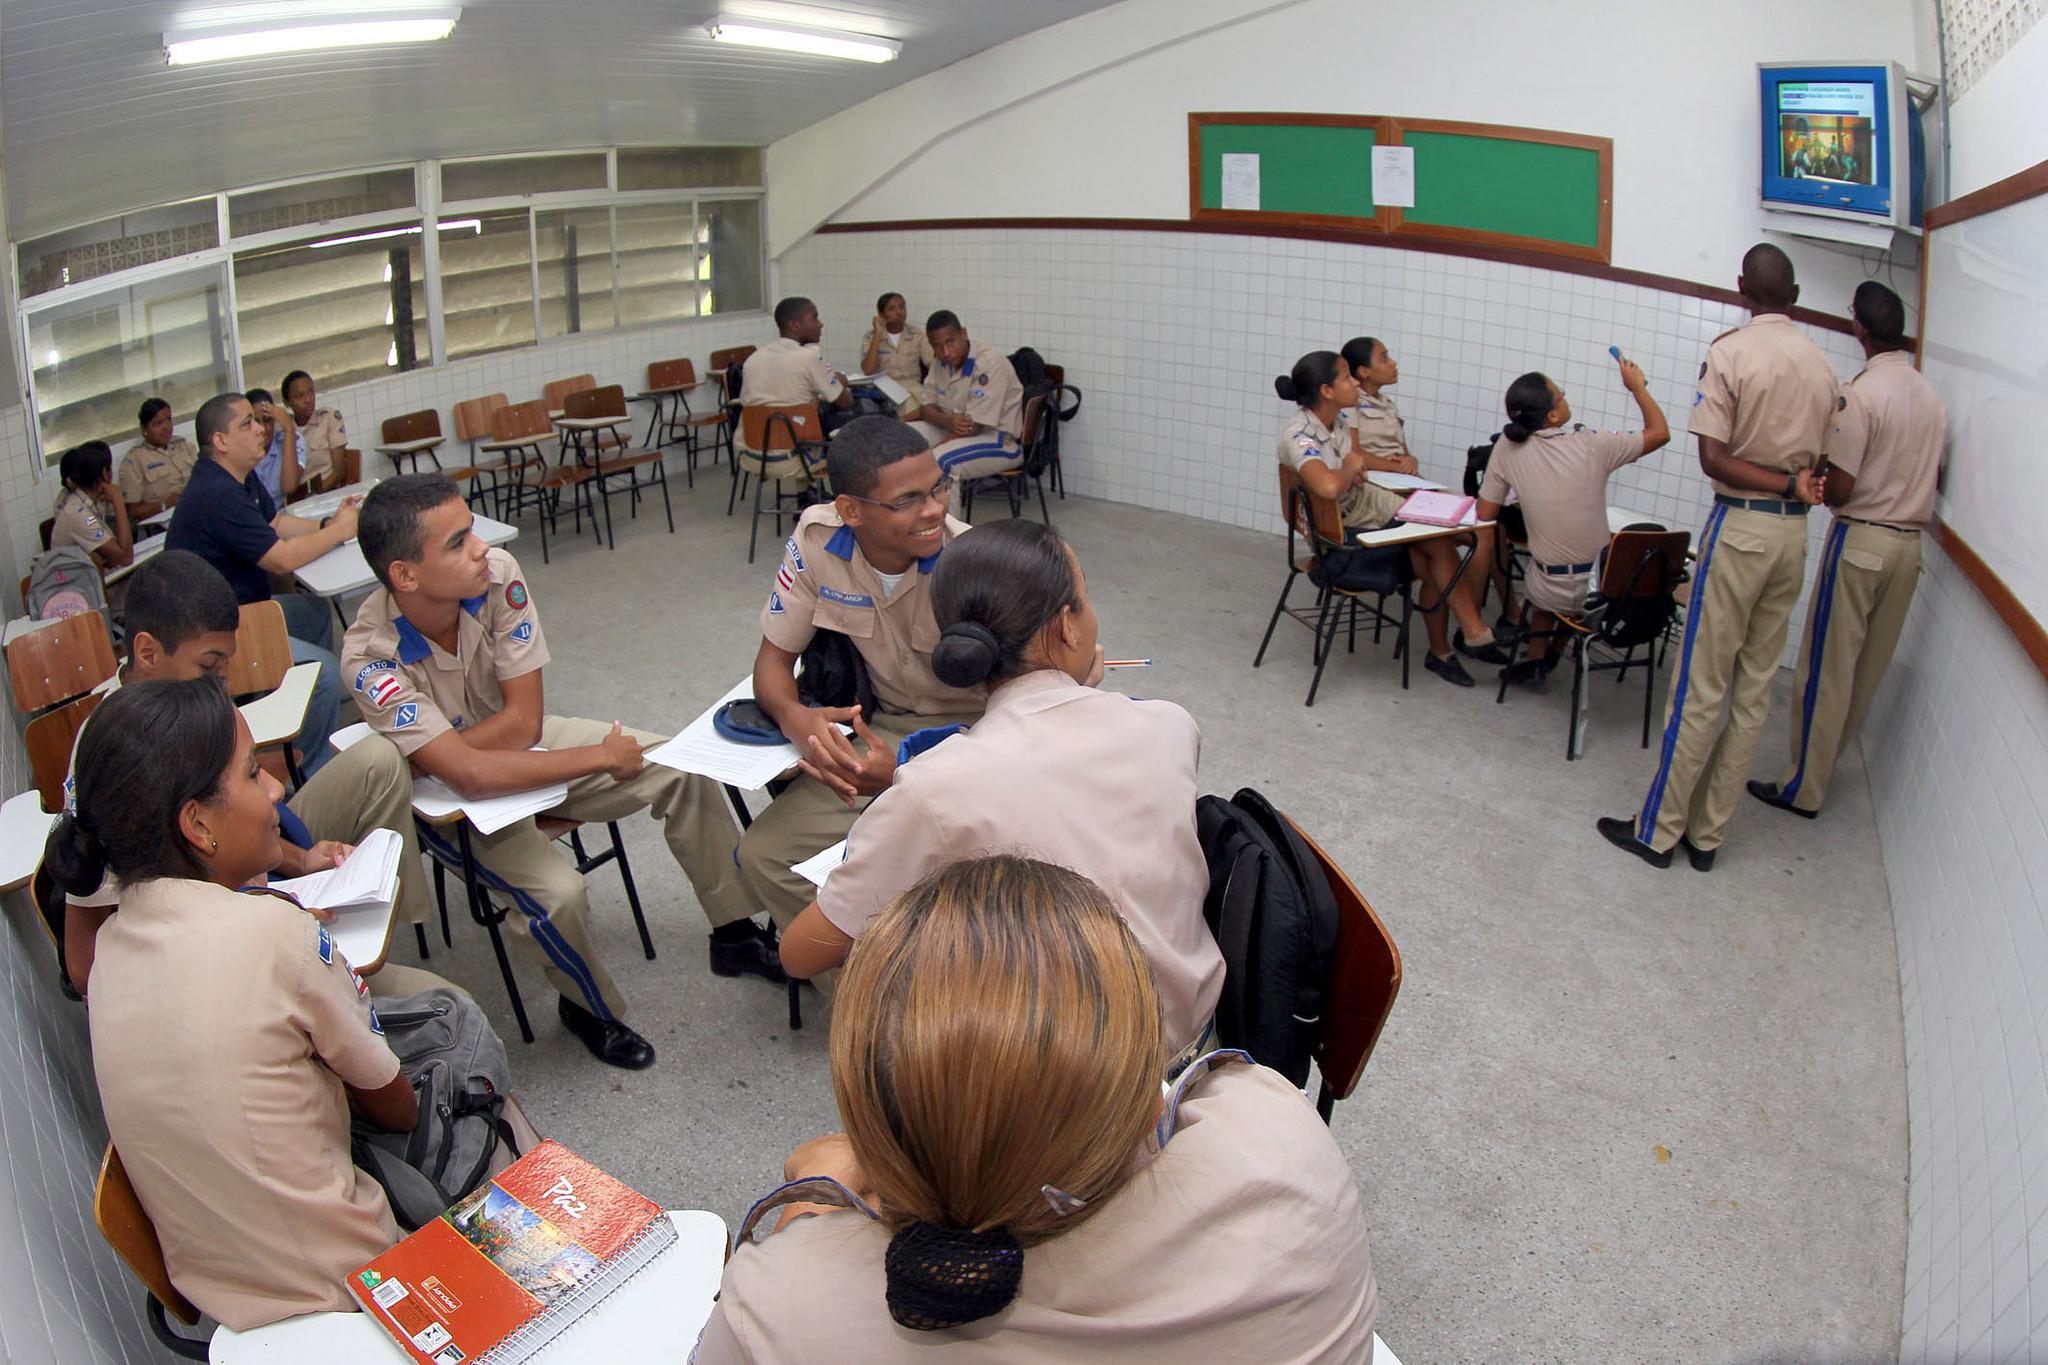 colegio policia militar